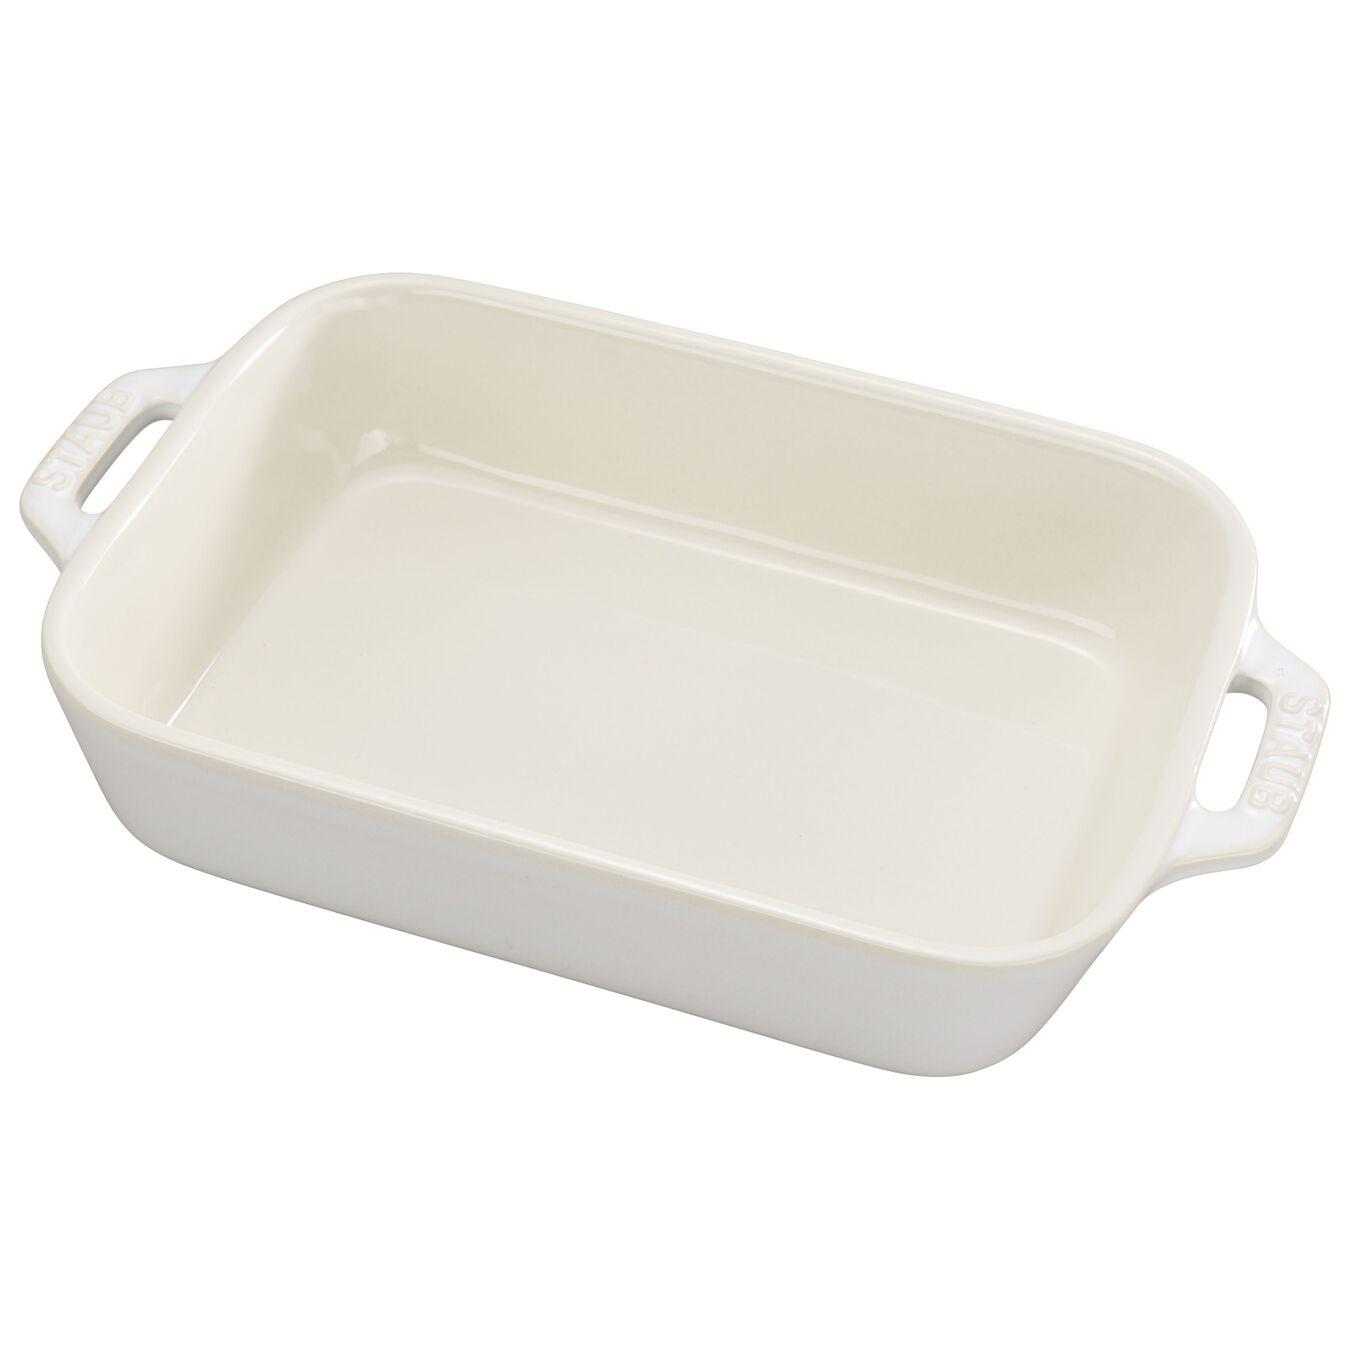 2-pc, Rectangular Baking Dish Set, ivory-white,,large 2